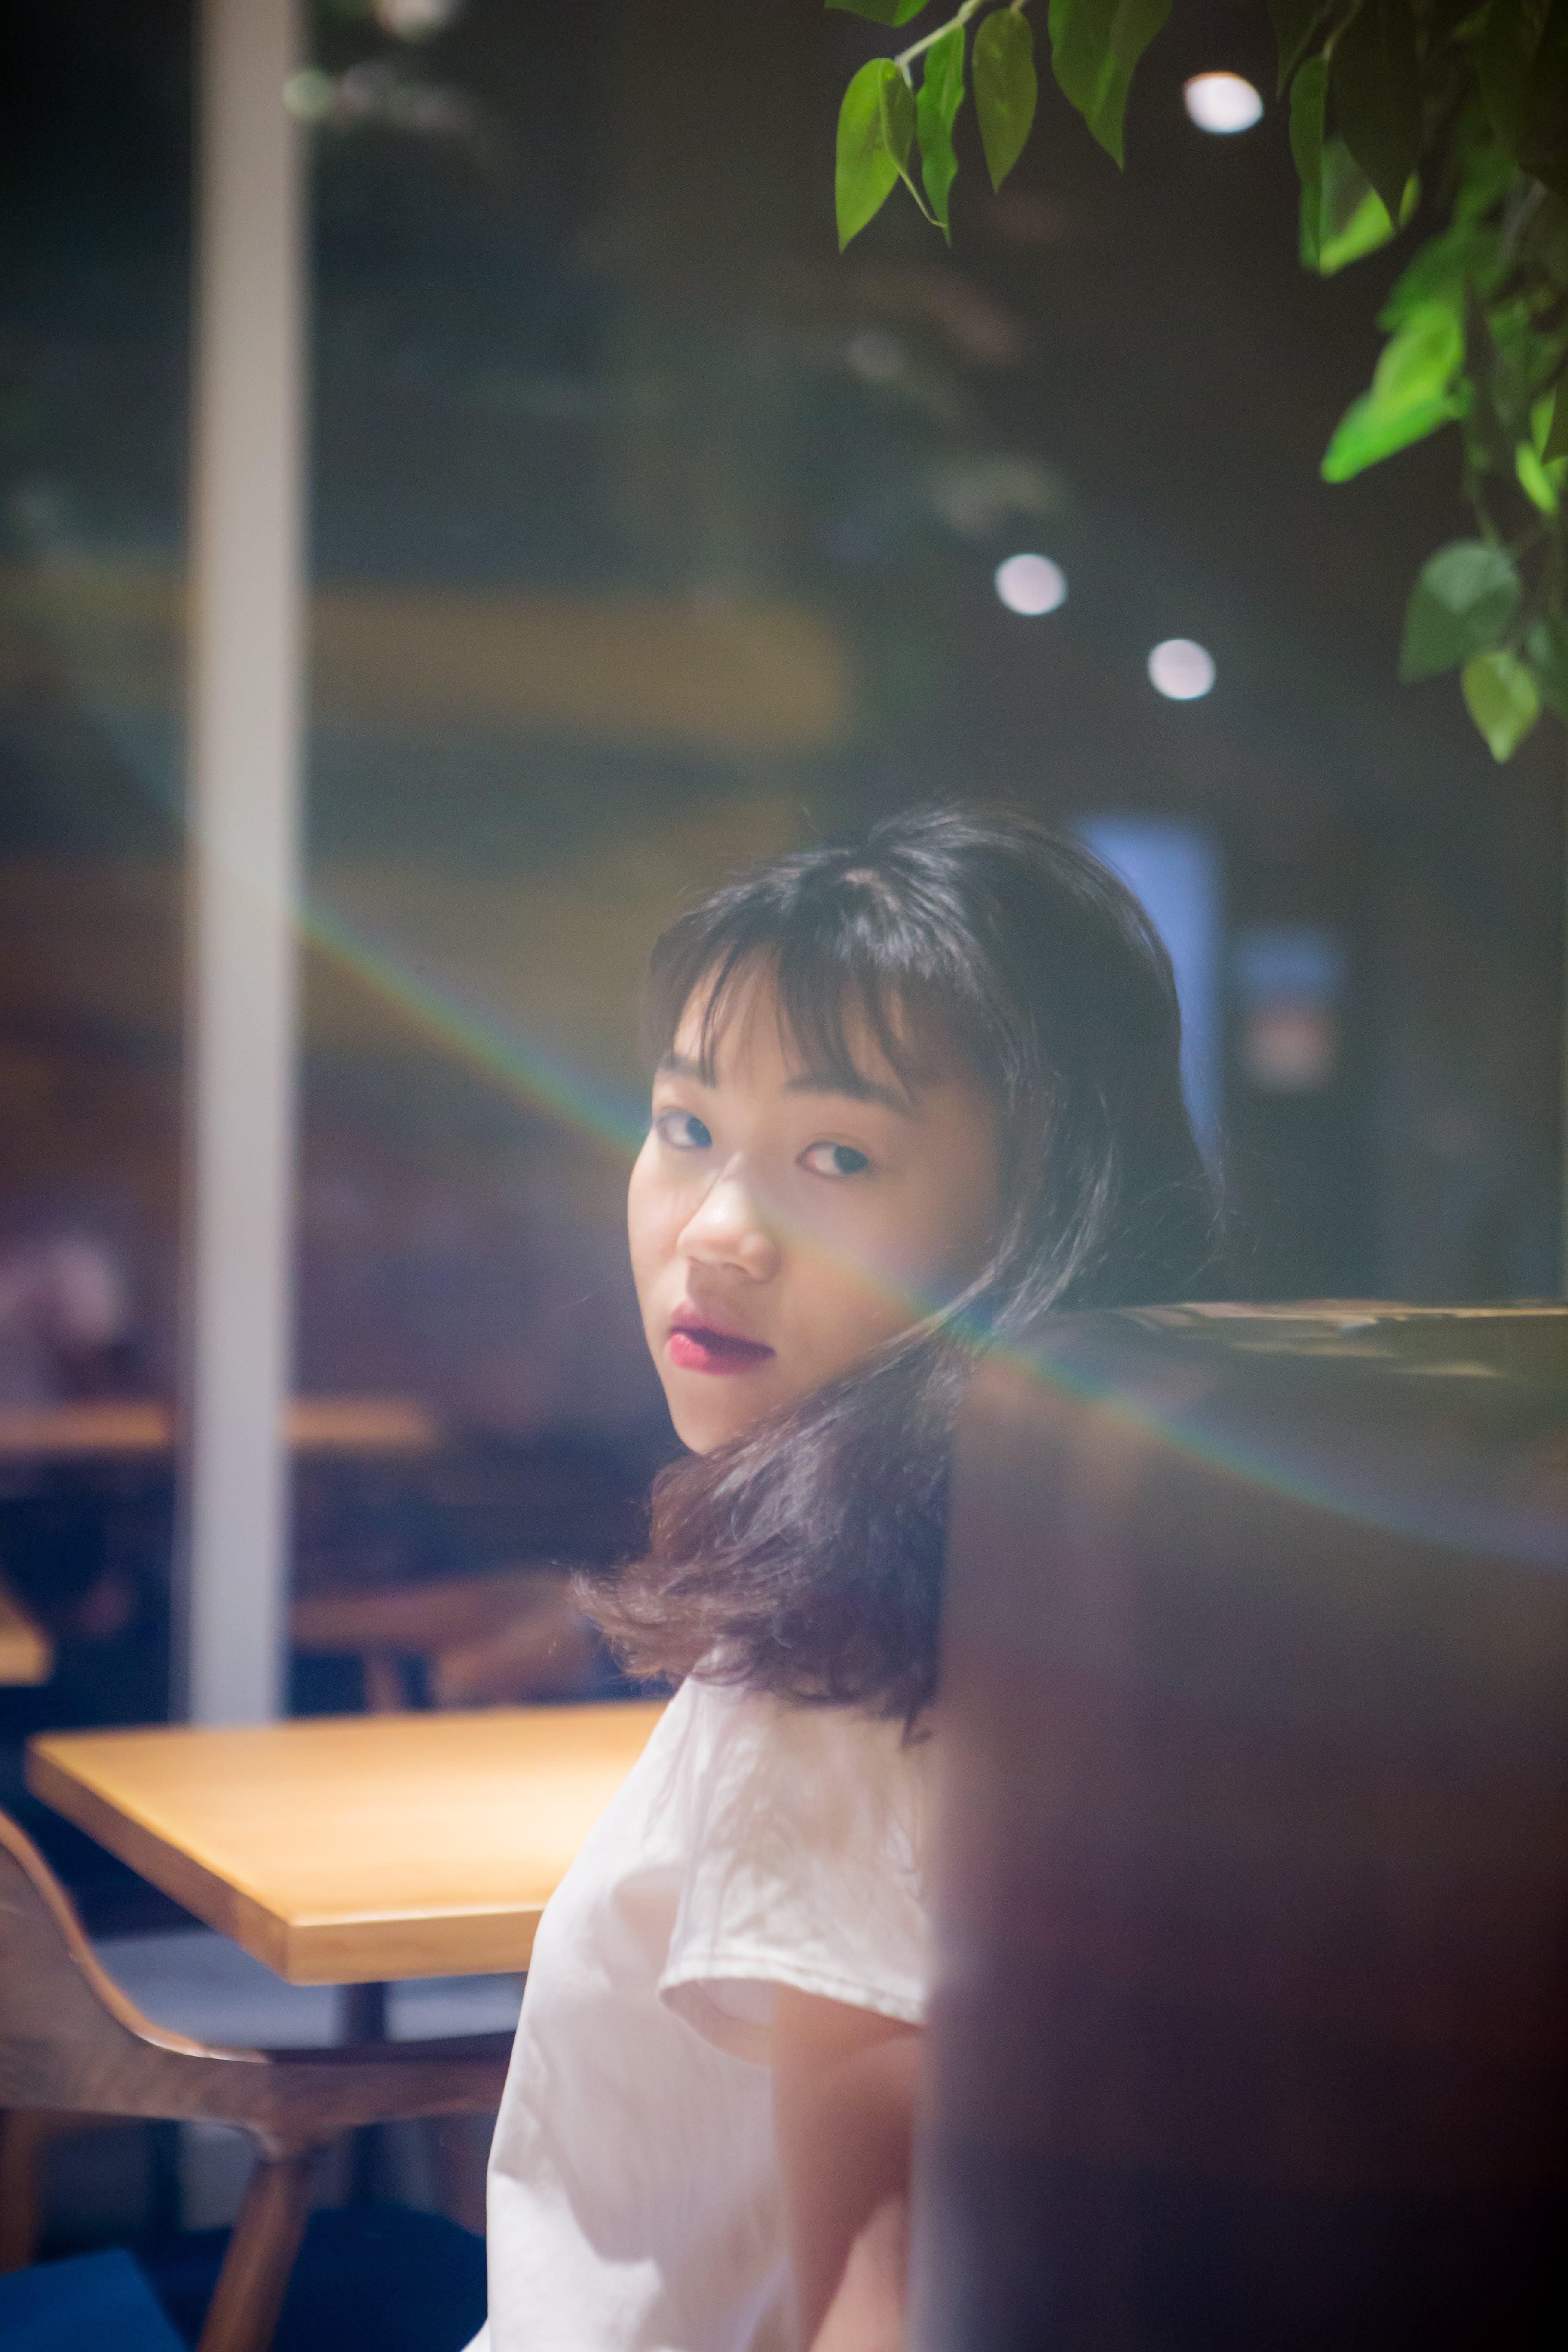 Gratis stockfoto met Aziatisch meisje, Aziatische vrouw, binnen, blijdschap